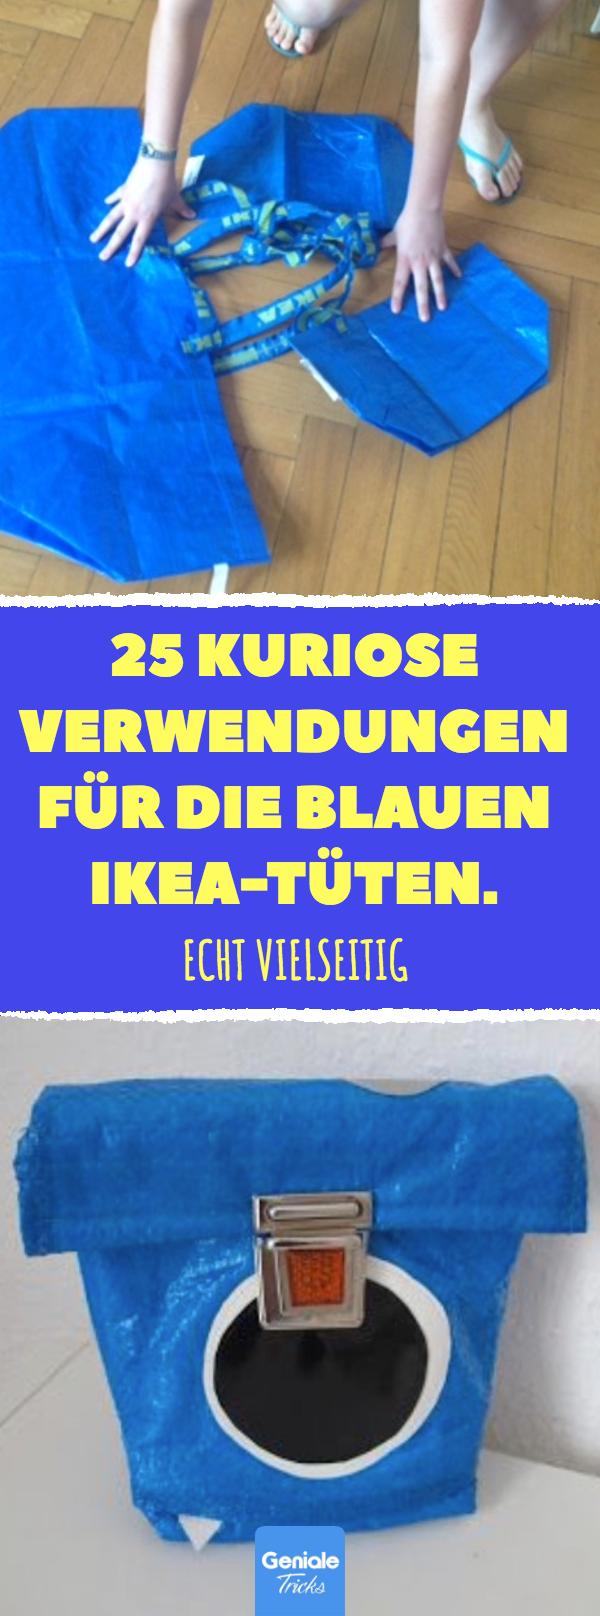 25 kuriose Verwendungen für die blauen IKEA-Tüten. #ikeaideen